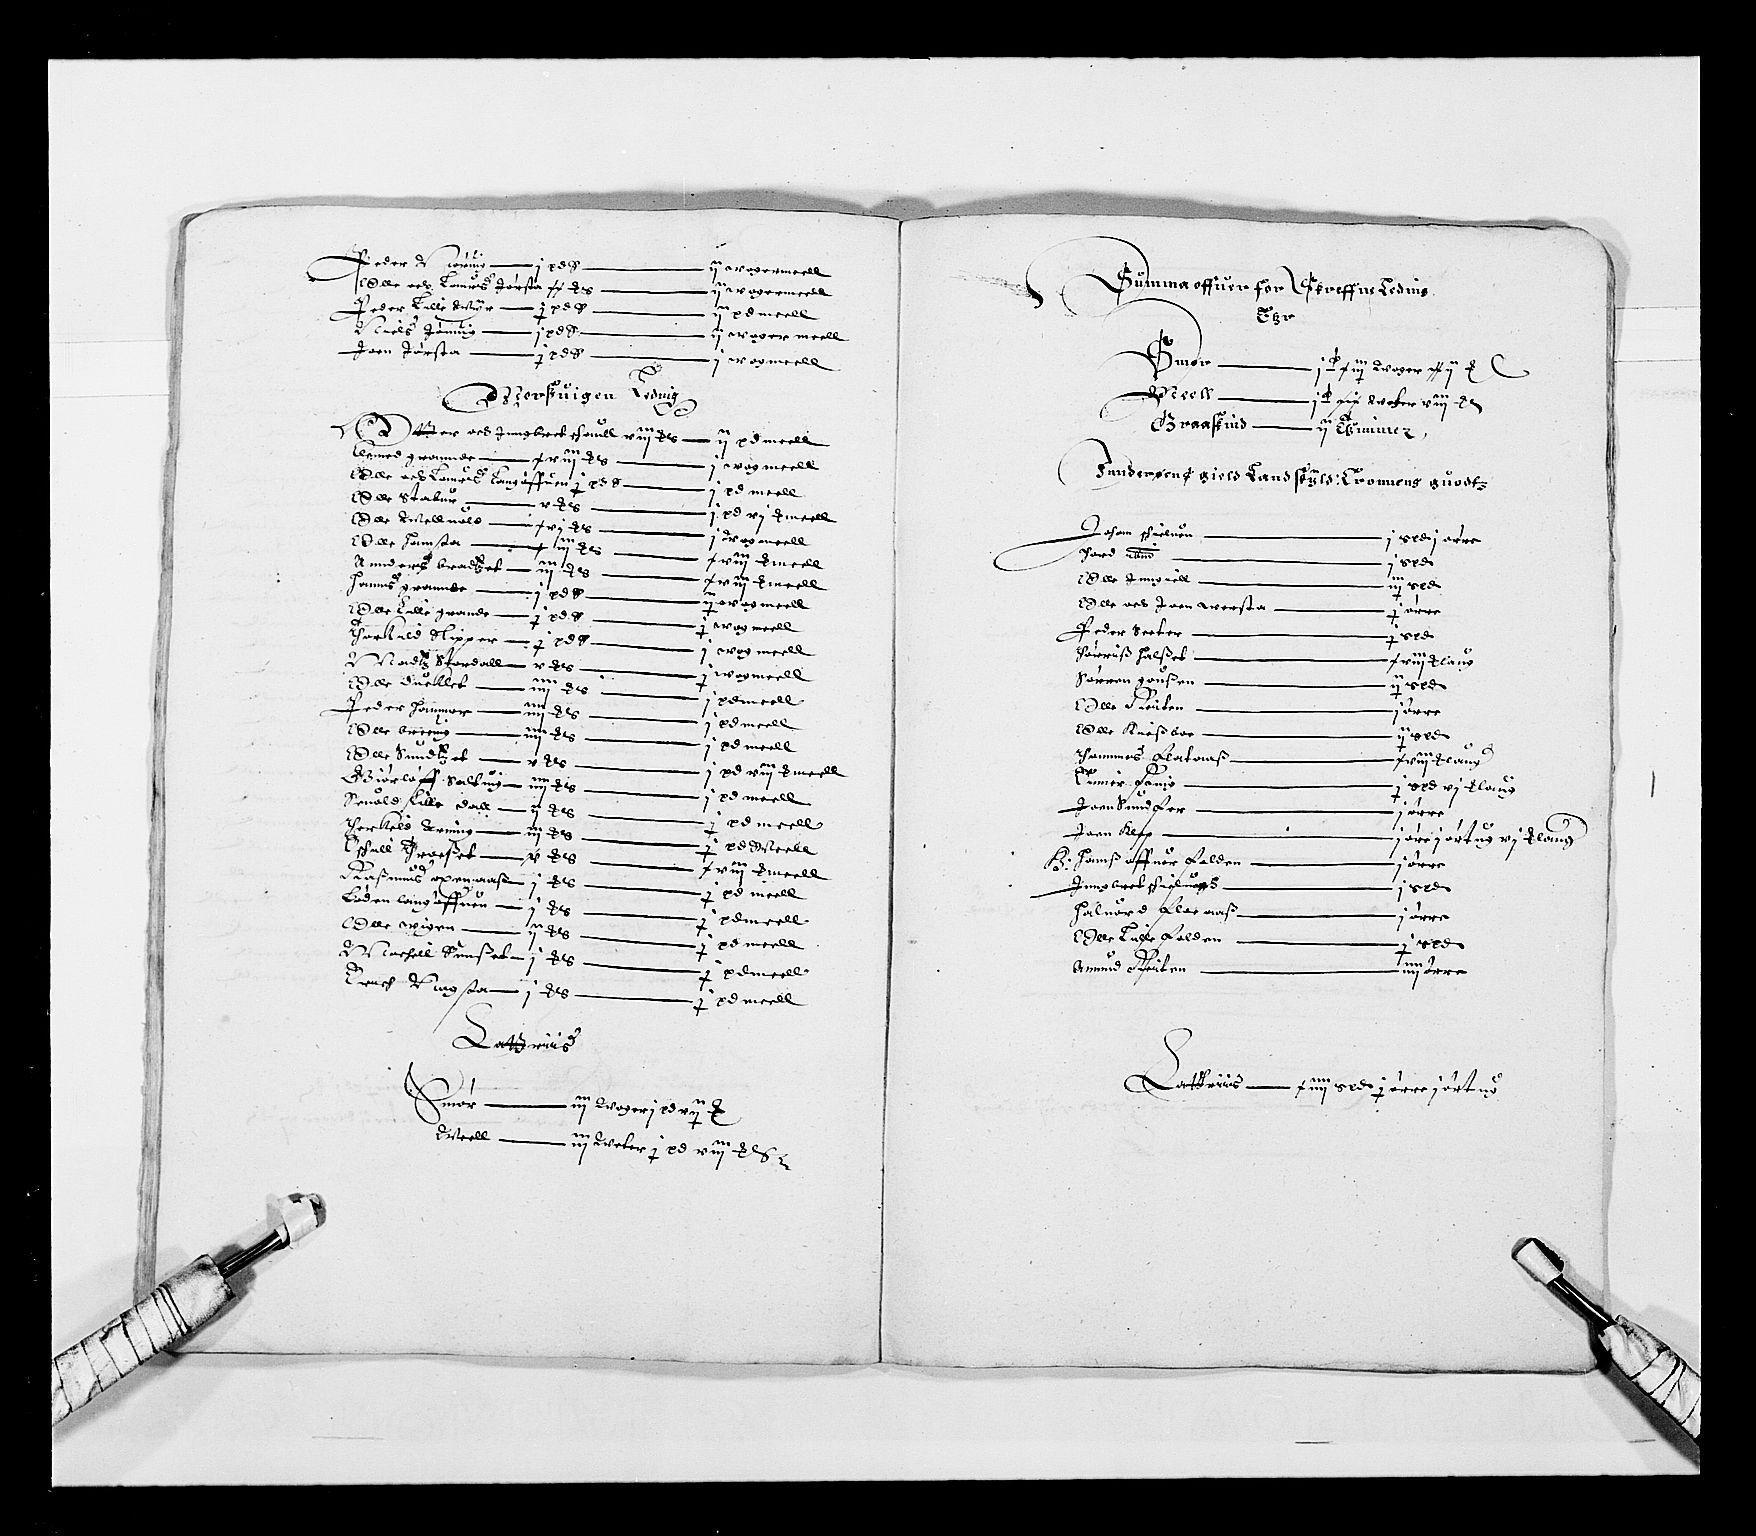 RA, Stattholderembetet 1572-1771, Ek/L0028: Jordebøker 1633-1658:, 1645-1646, s. 119